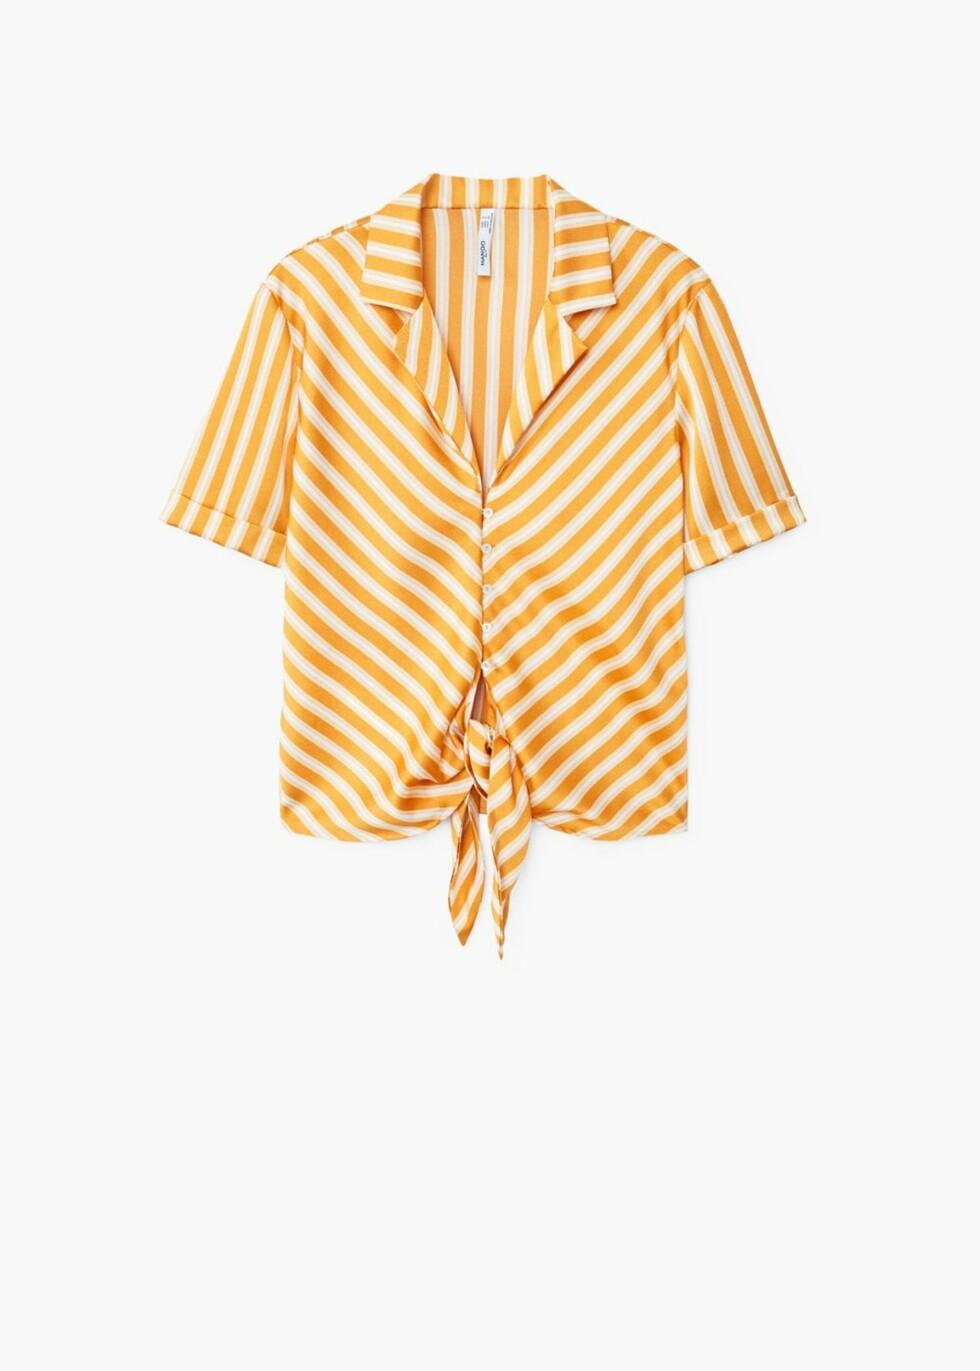 Topp fra Mango  349,-  https://shop.mango.com/no/damer/skjorter-bluser/l%C3%B8stsittende-bluse-med-knute_21057037.html?c=15&n=1&s=search